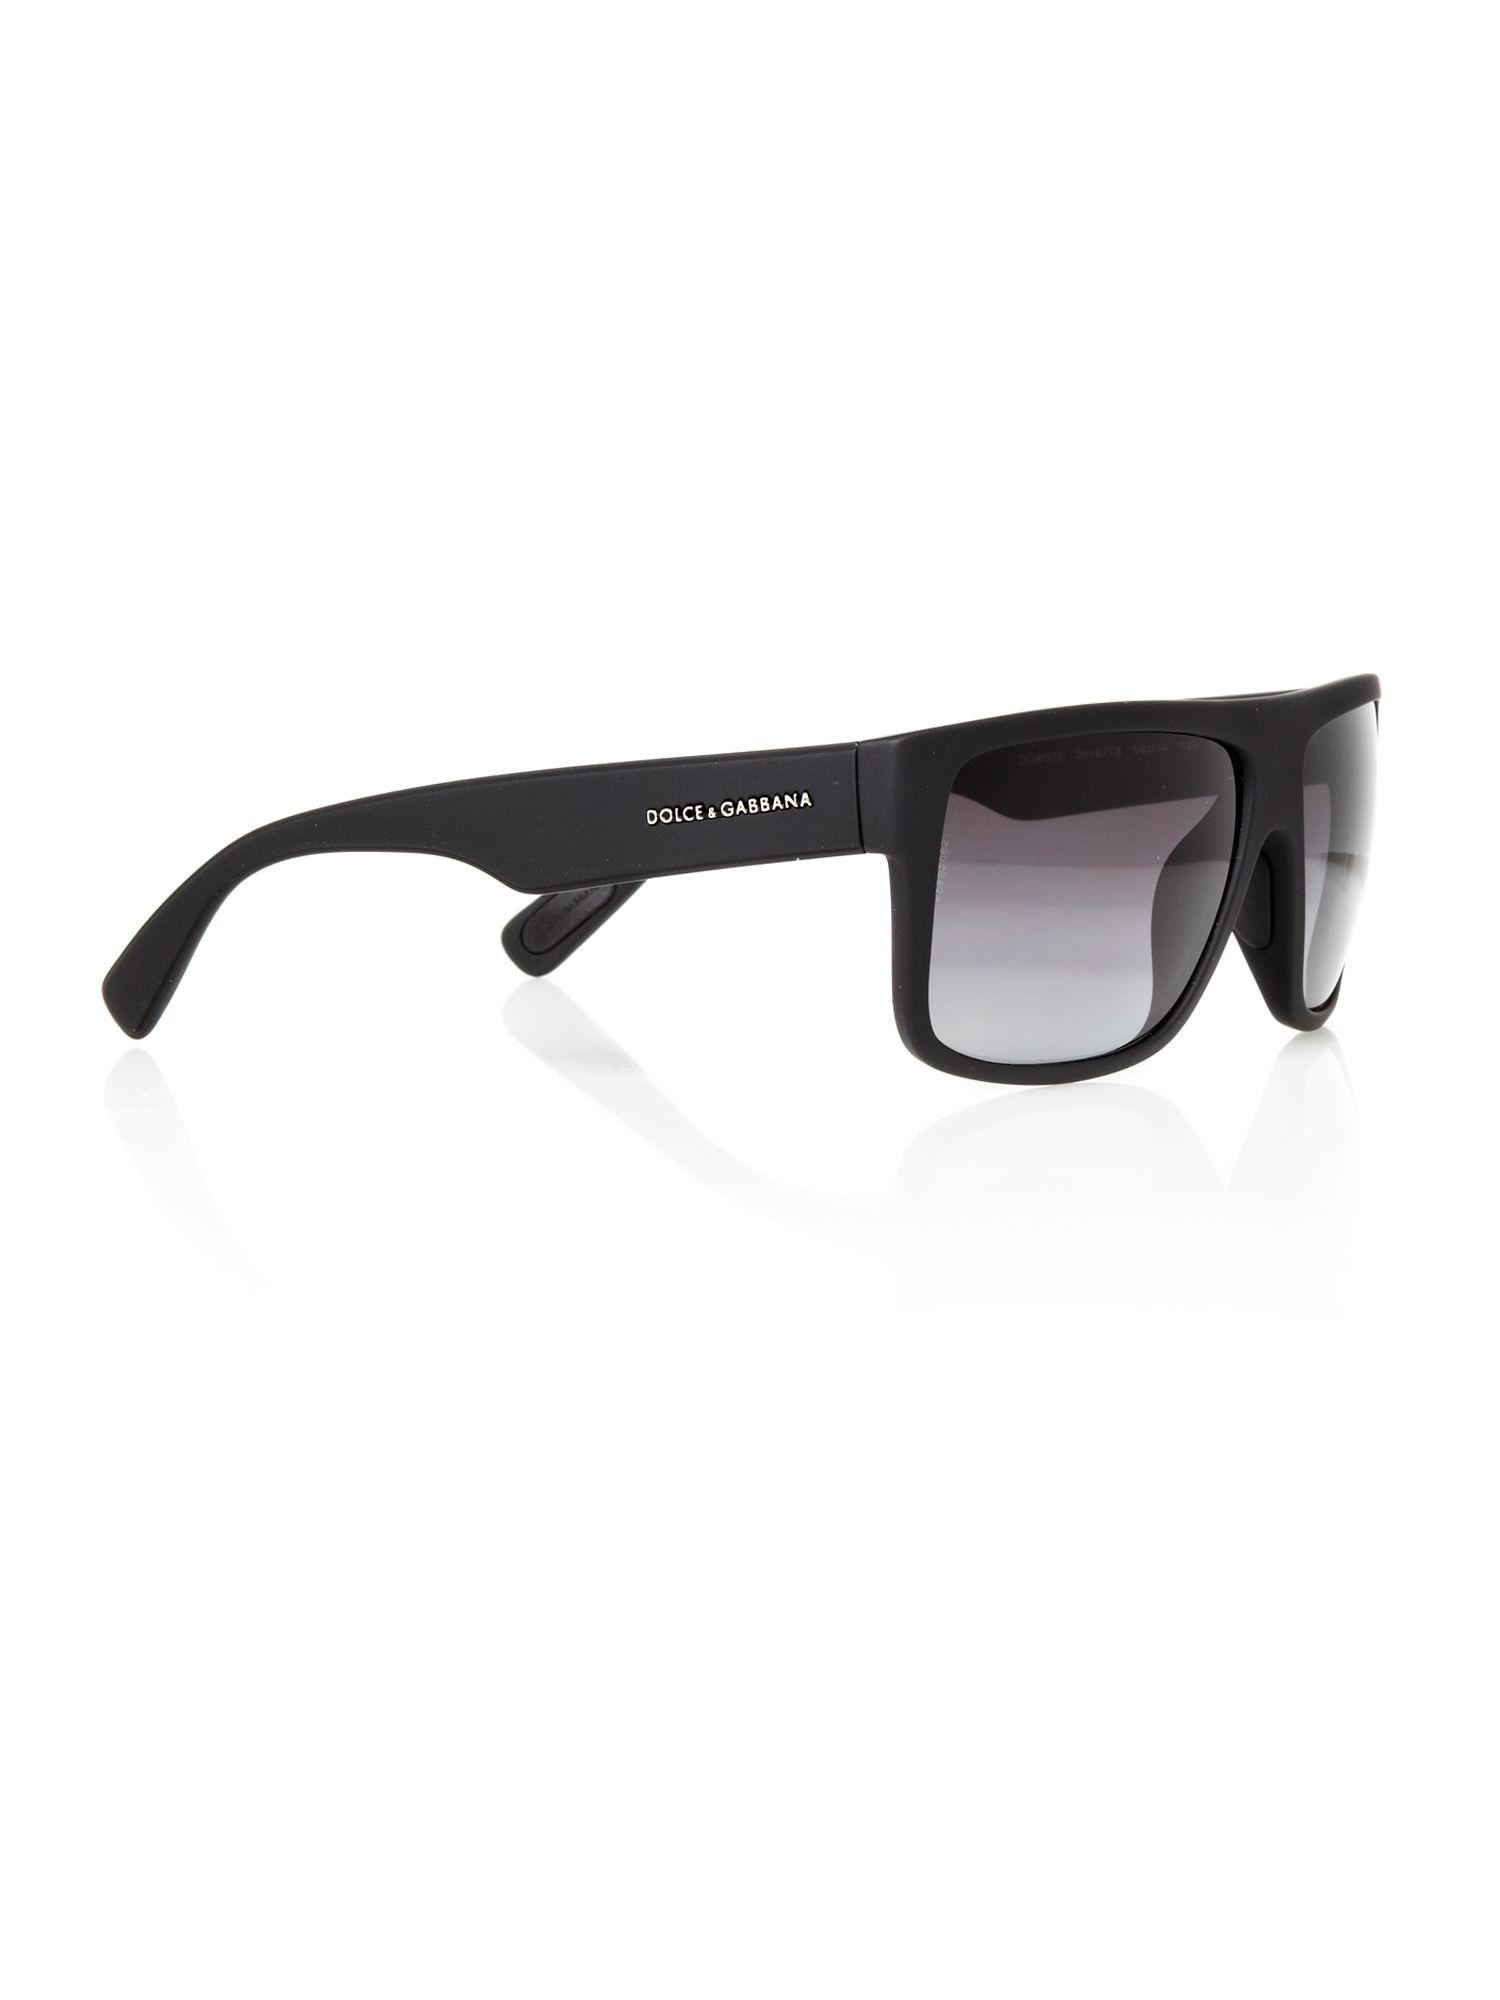 59f9e616059 Dolce   Gabbana Mens Gym Black Sunglasses in Black for Men - Lyst